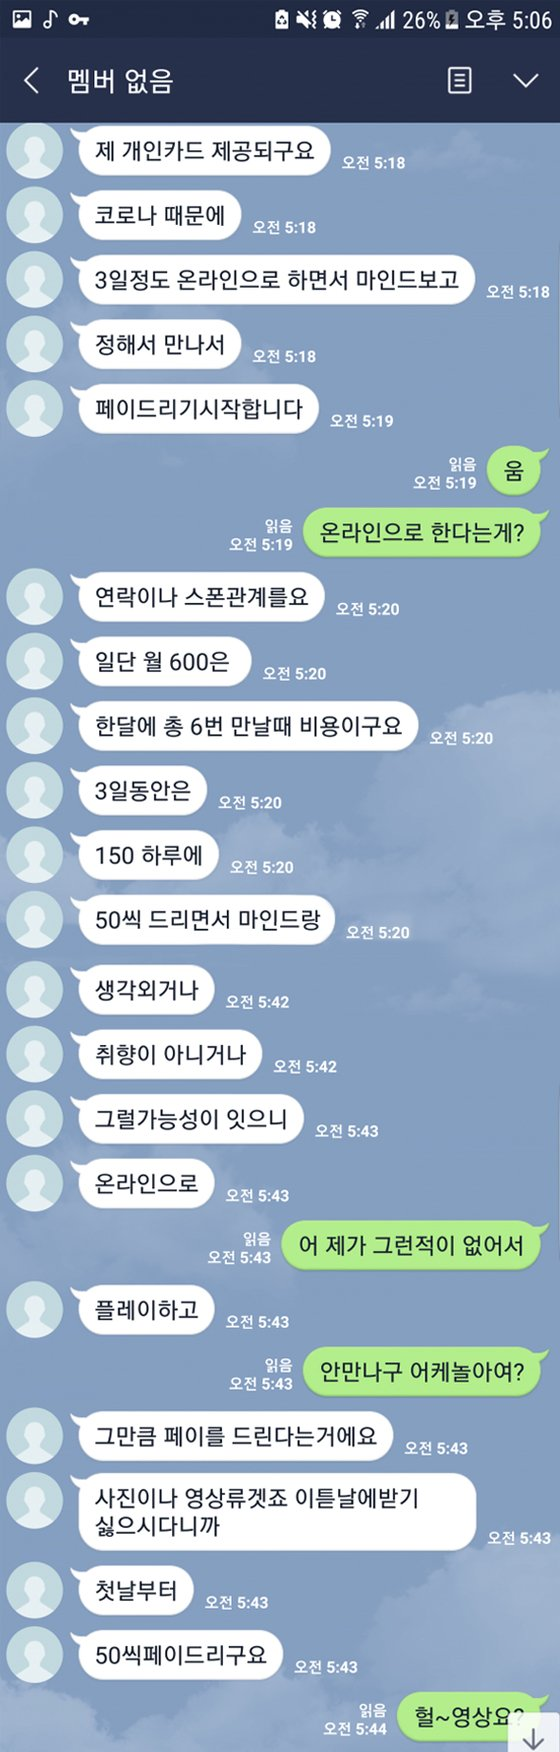 22일 여성 A씨가 라인 메신저로 온라인 영상 아르바이트를 제안받고 있다. 그래픽=김영희 02@joongang.co.kr